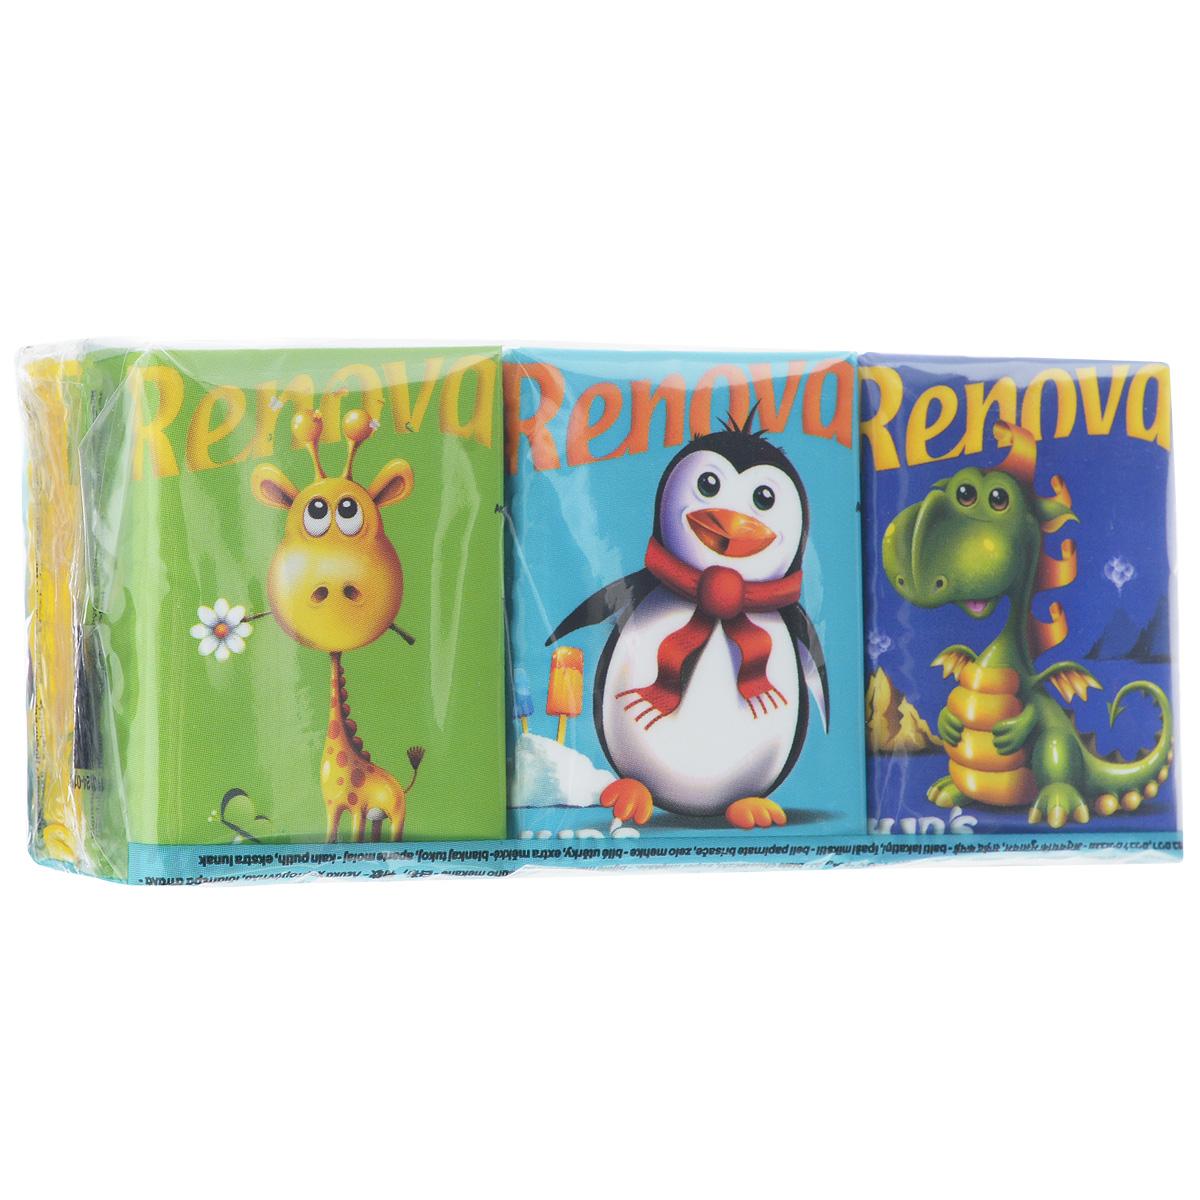 Платочки бумажные Renova Kids Compact, без запаха, цвет: белый, 6 пачек200044871Бумажные гигиенические платочки Renova Kids Compact, изготовленные из 100% натуральной целлюлозы, идеально подходят детям. Они обладают уникальными свойствами, так как всегда остаются мягкими на ощупь, прочными и отлично впитывающими влагу и могут быть пригодными в любой ситуации. Яркие бумажные платочки Renova Kids Compact не имеют запаха. Очаровательные рисунки животных на упаковке обязательно понравятся вашему ребенку. Удобная небольшая упаковка позволит вашему ребенку всегда носить платочки с собой. Количество слоев: 3. Количество пачек: 6 шт. Количество платочков в каждой пачке: 9 шт. Португальская компания Renova является ведущим разработчиком новейших технологий производства, нового стиля и направления на рынке гигиенической продукции. Современный дизайн и высочайшее качество, дерматологический контроль - это то, что выделяет компанию Renova среди других производителей бумажной...